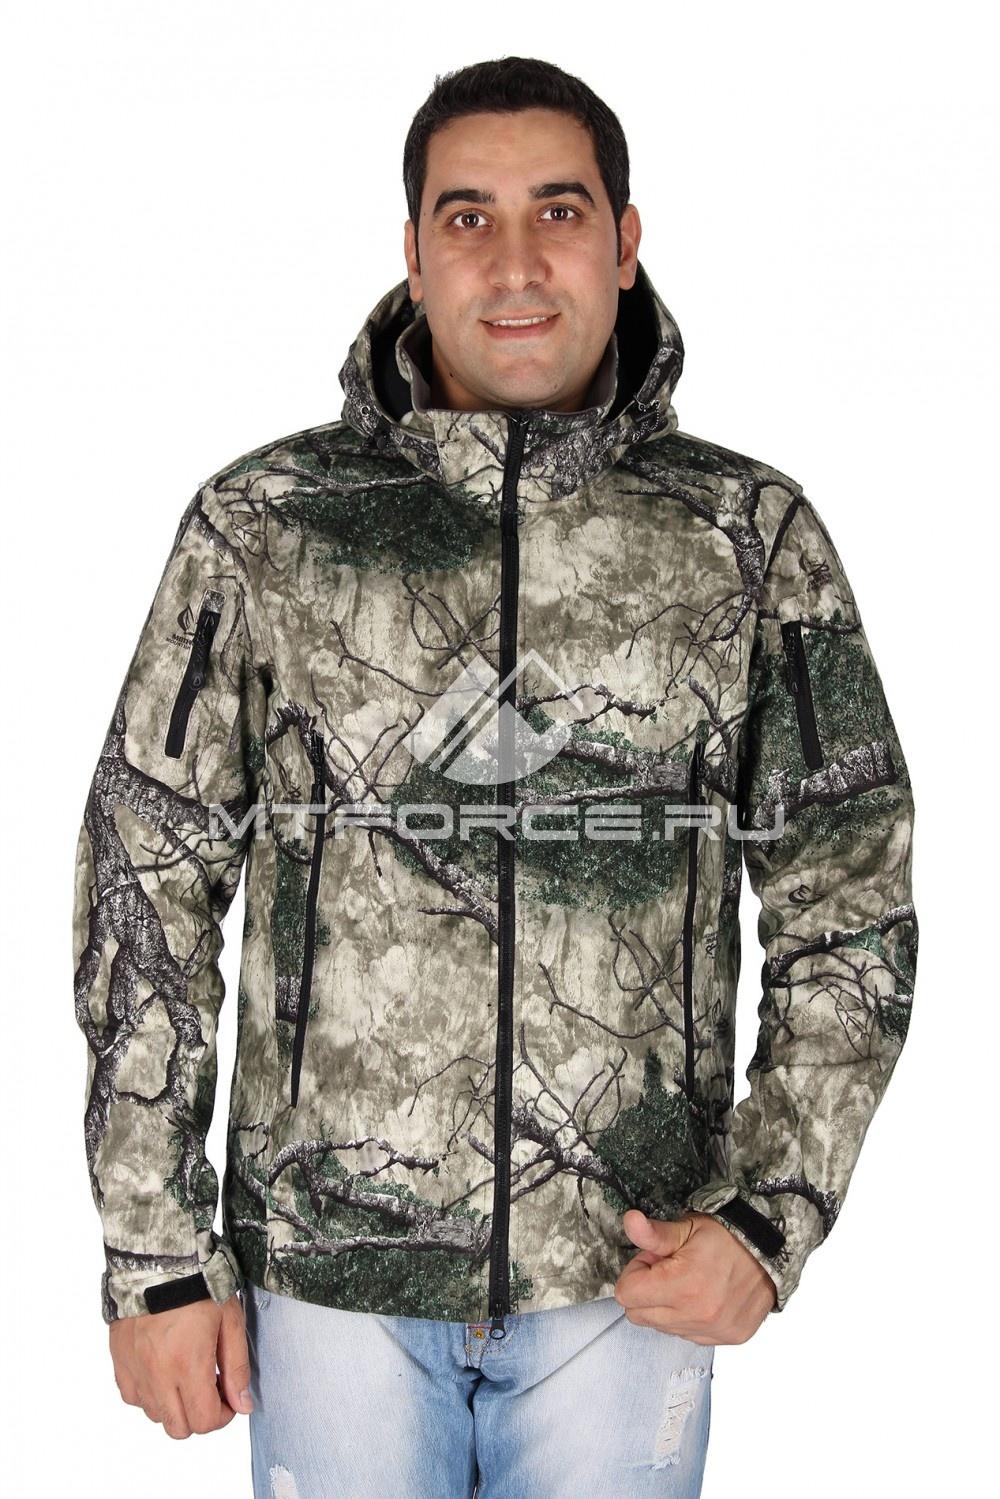 Купить                                  оптом Ветровка - виндстоппер мужская цвета хаки 1637Kh